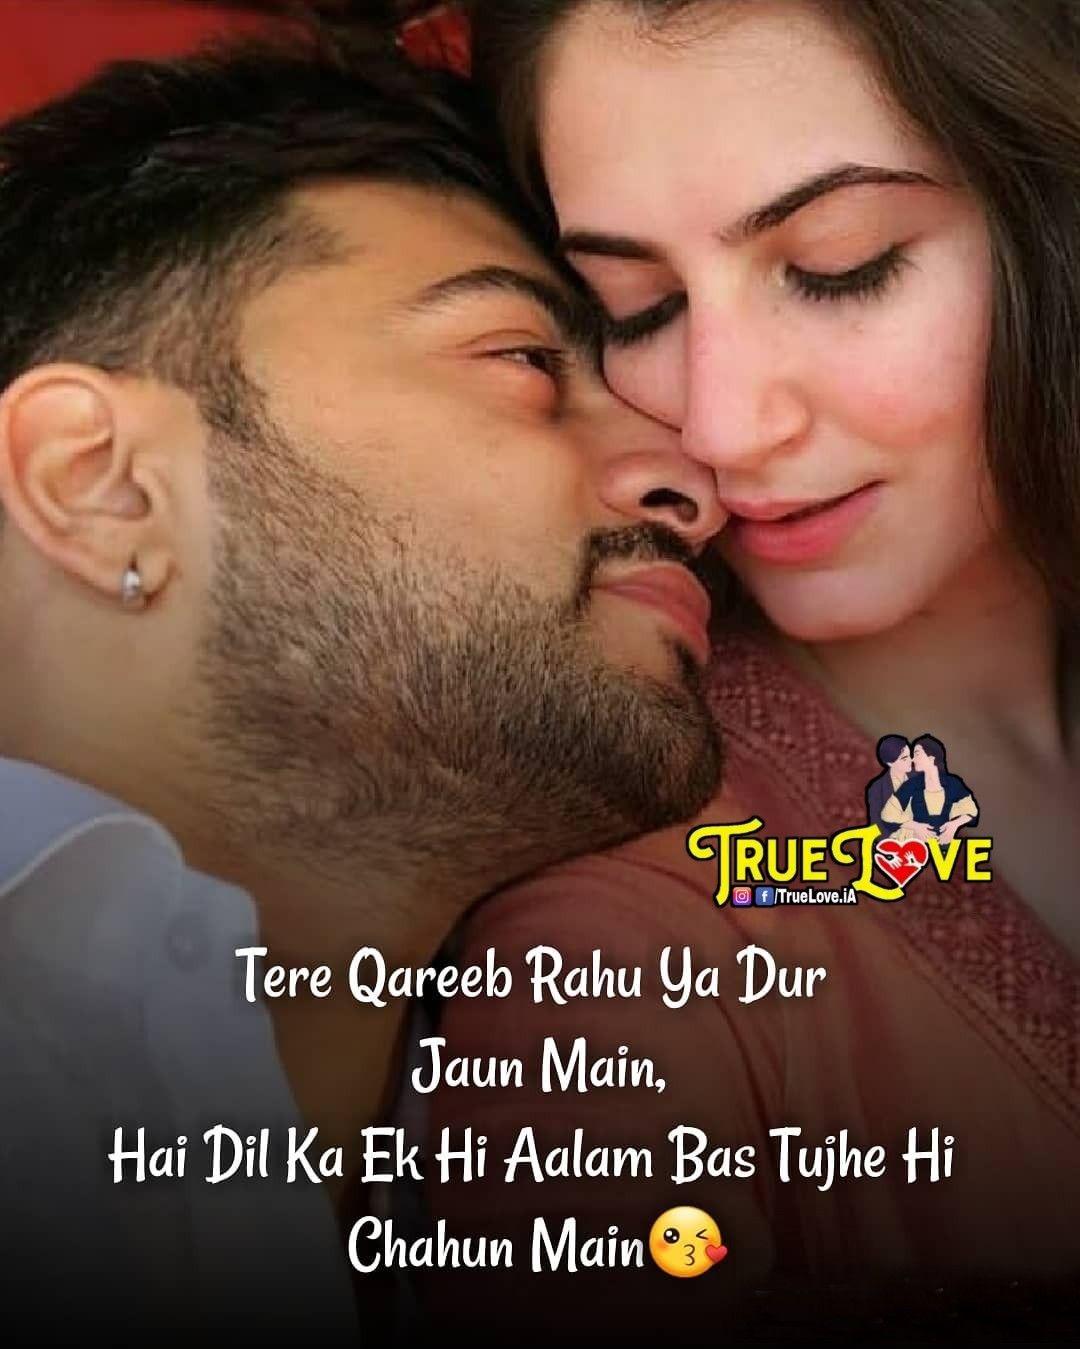 Hindi Love Quotes In English : hindi, quotes, english, TrueLove,, Truelove.xd,, Truelove.ia,, Truelove,, Truelove, #TrueLoveiA, #TrueLove, #Tru…, English, Quotes,, Picture, Quotes, Hindi